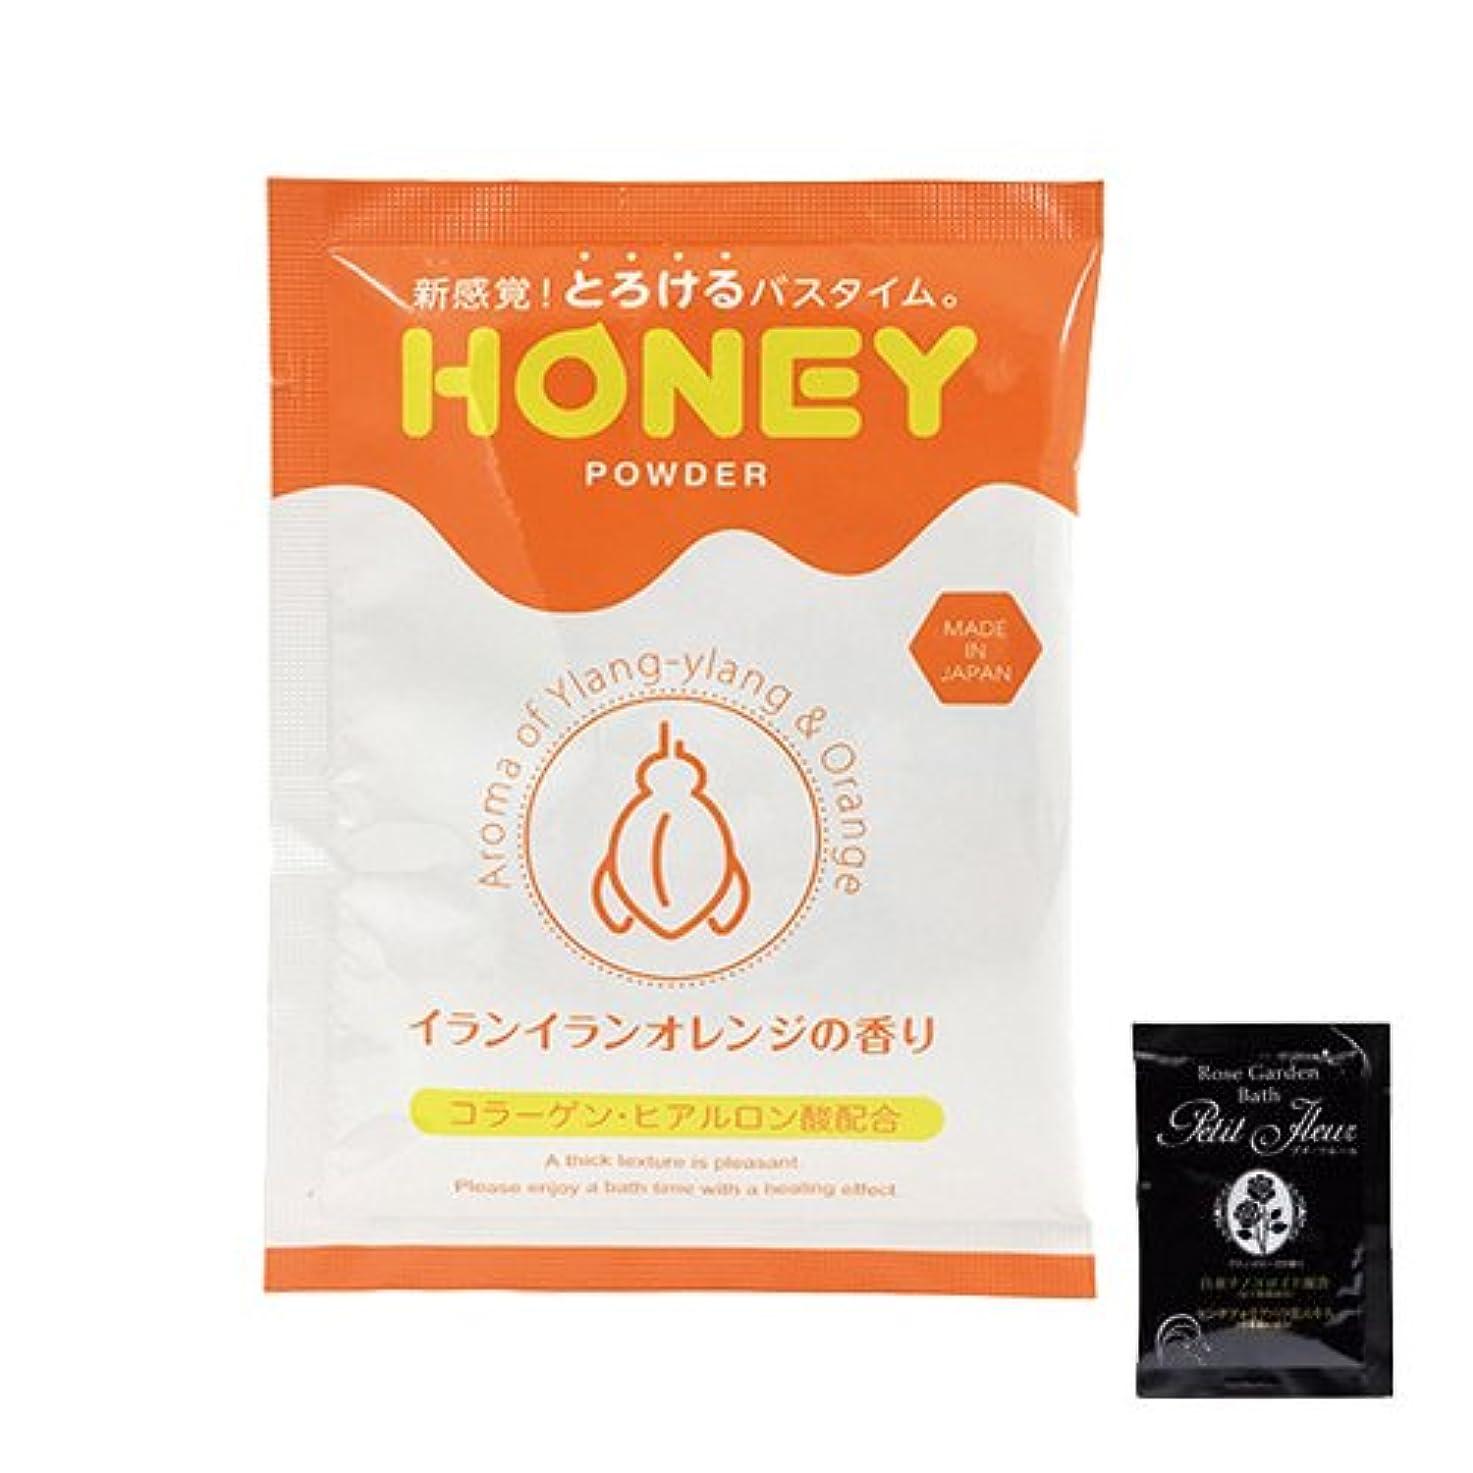 国民投票バナー阻害する【honey powder】(ハニーパウダー) イランイランオレンジの香り 粉末タイプ + 入浴剤プチフルール1回分セット